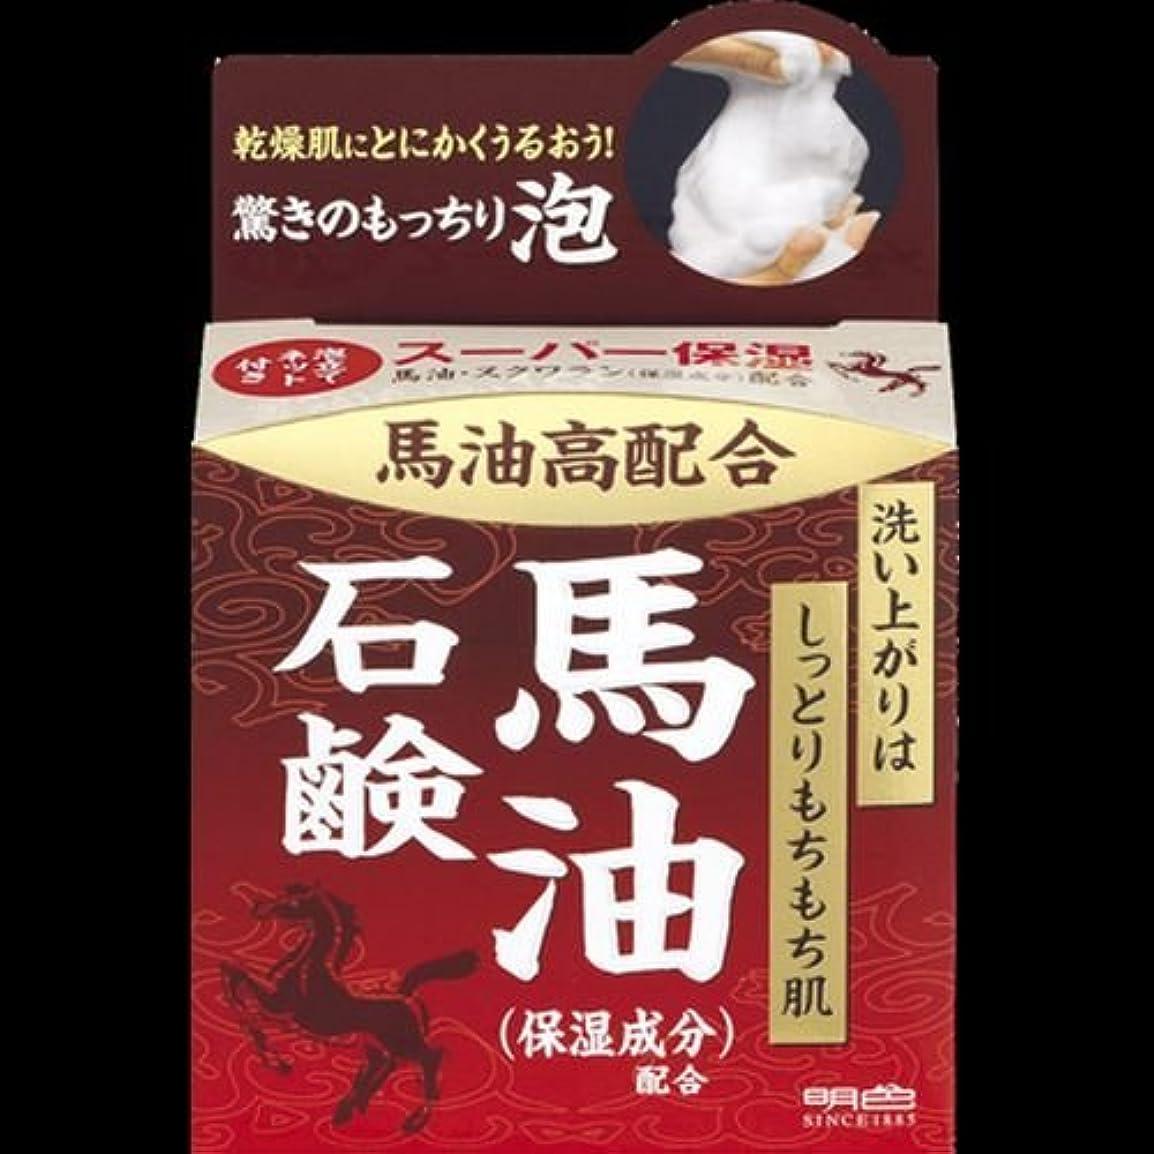 【まとめ買い】明色うるおい泡美人 馬油石鹸 ×2セット